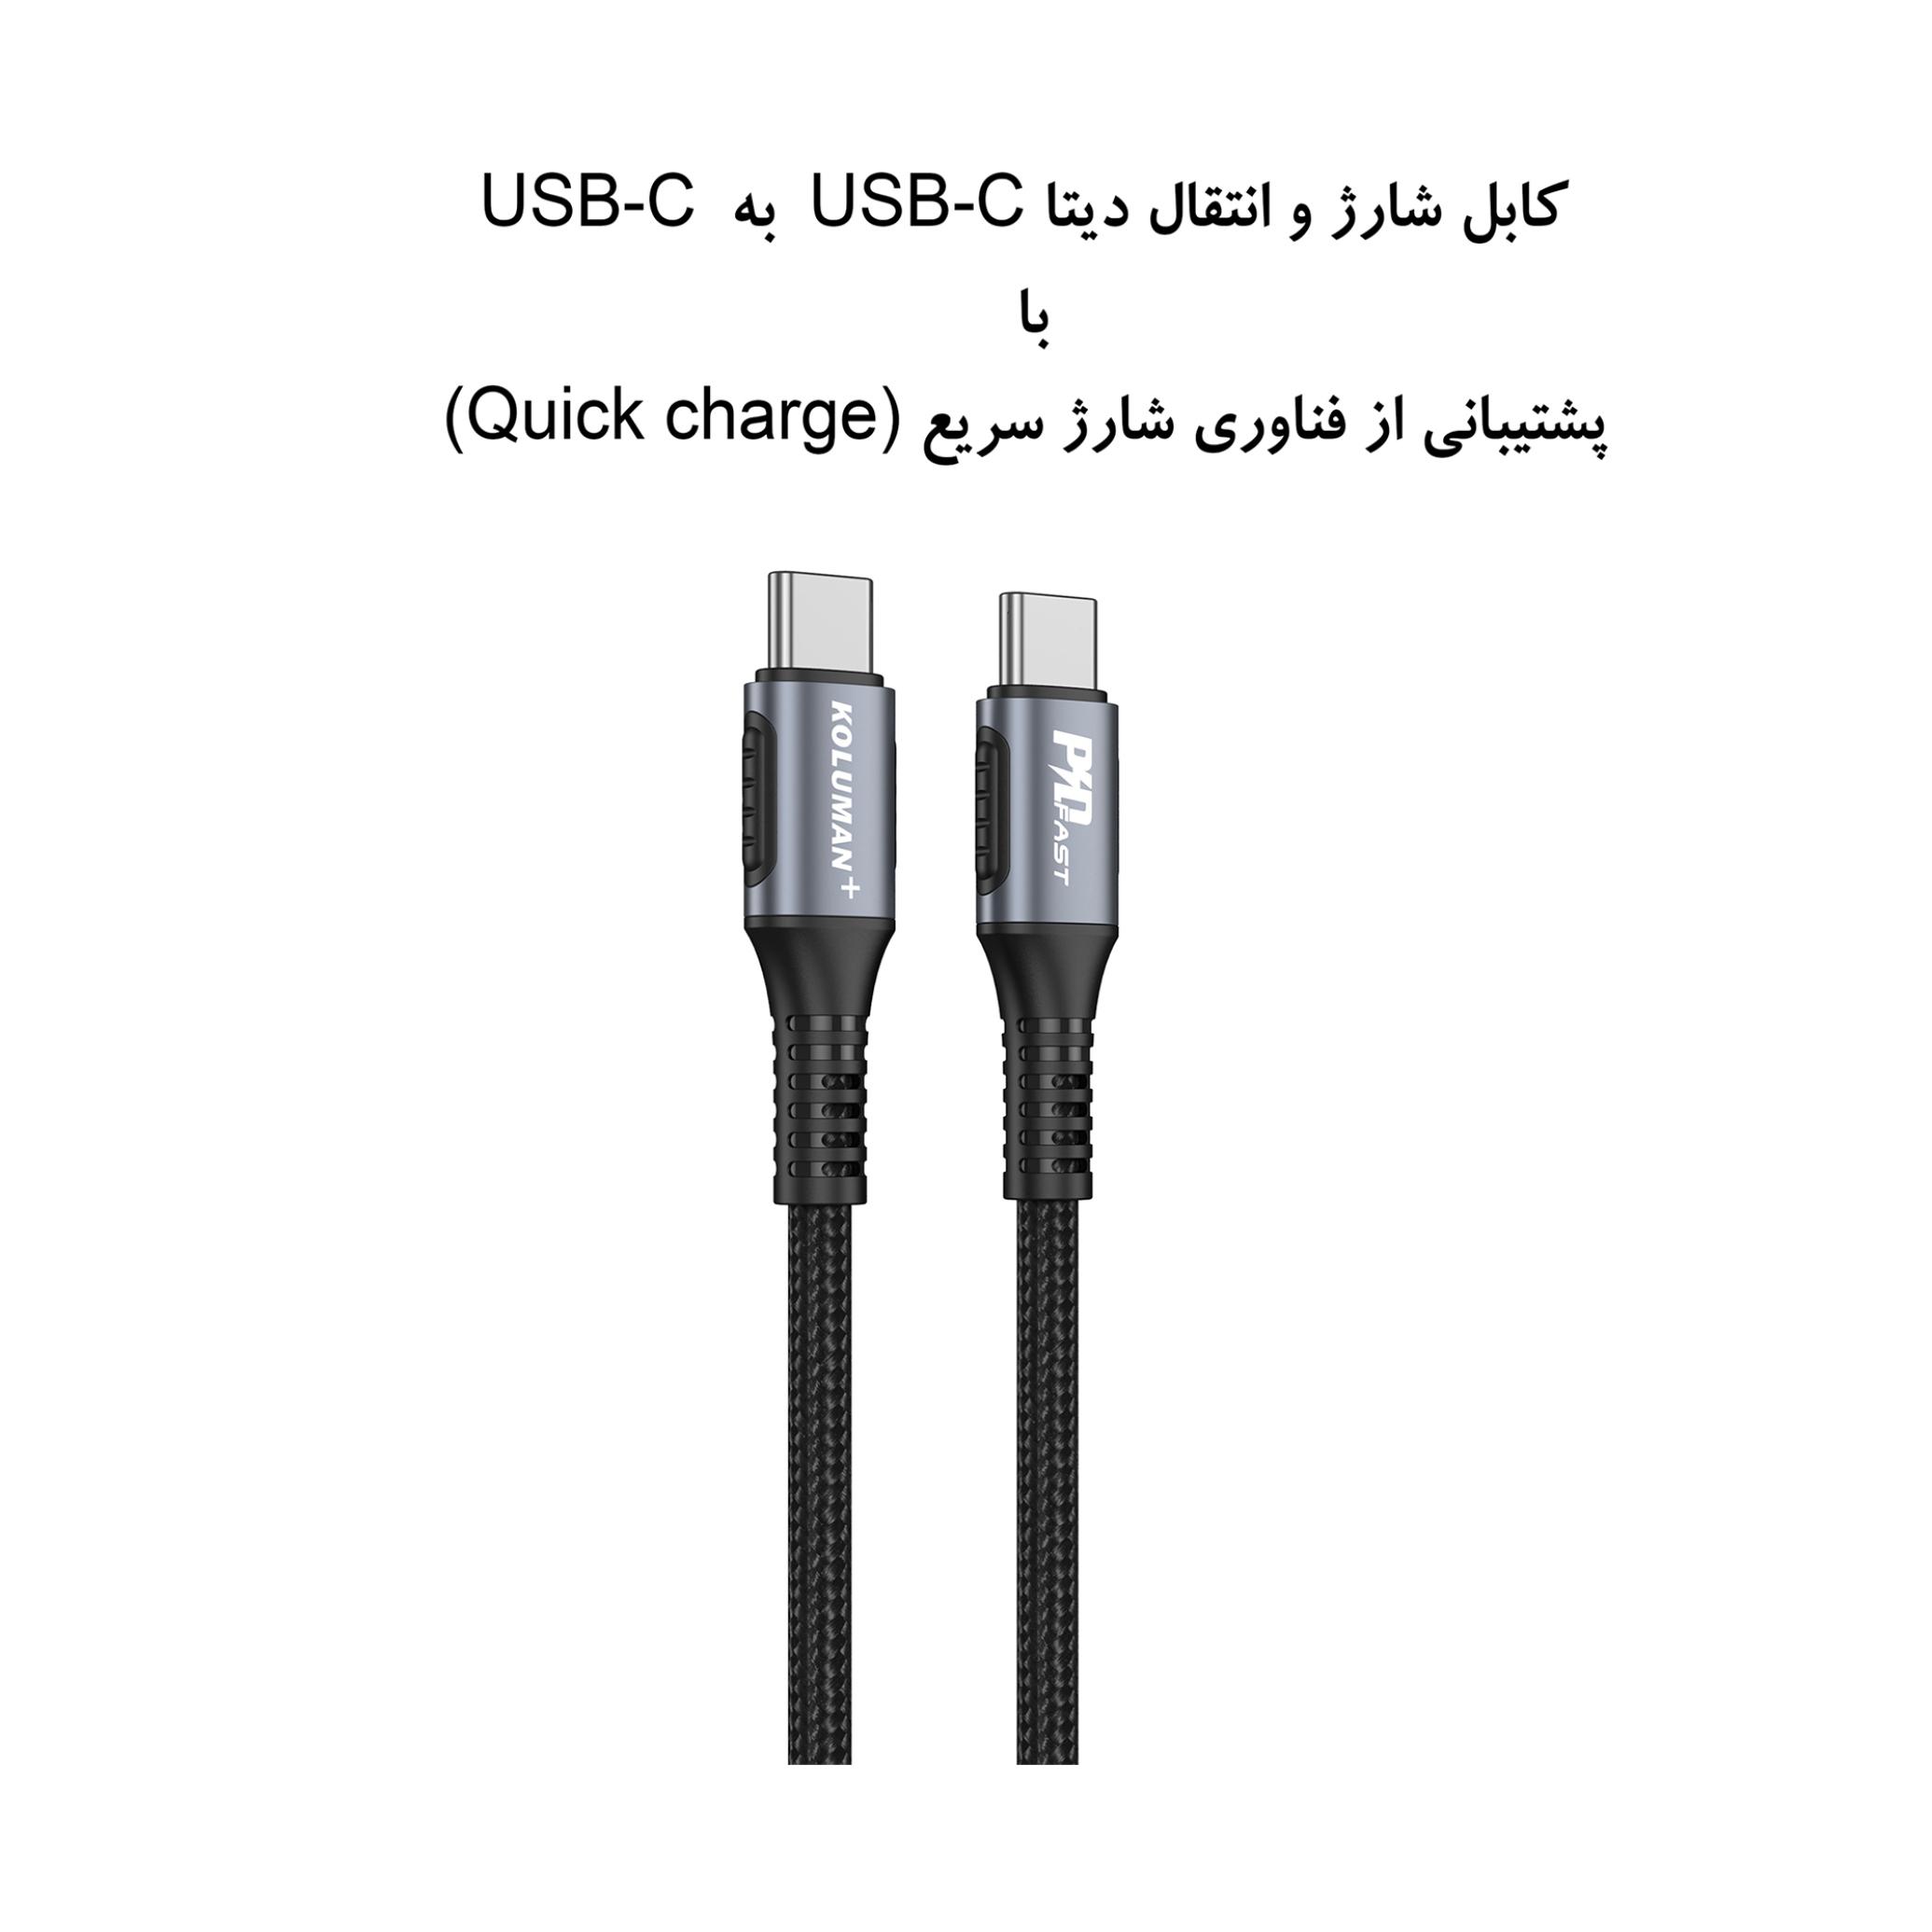 کابل تبدیل USB-C به USB-C3.1 Gen1 کلومن پلاس